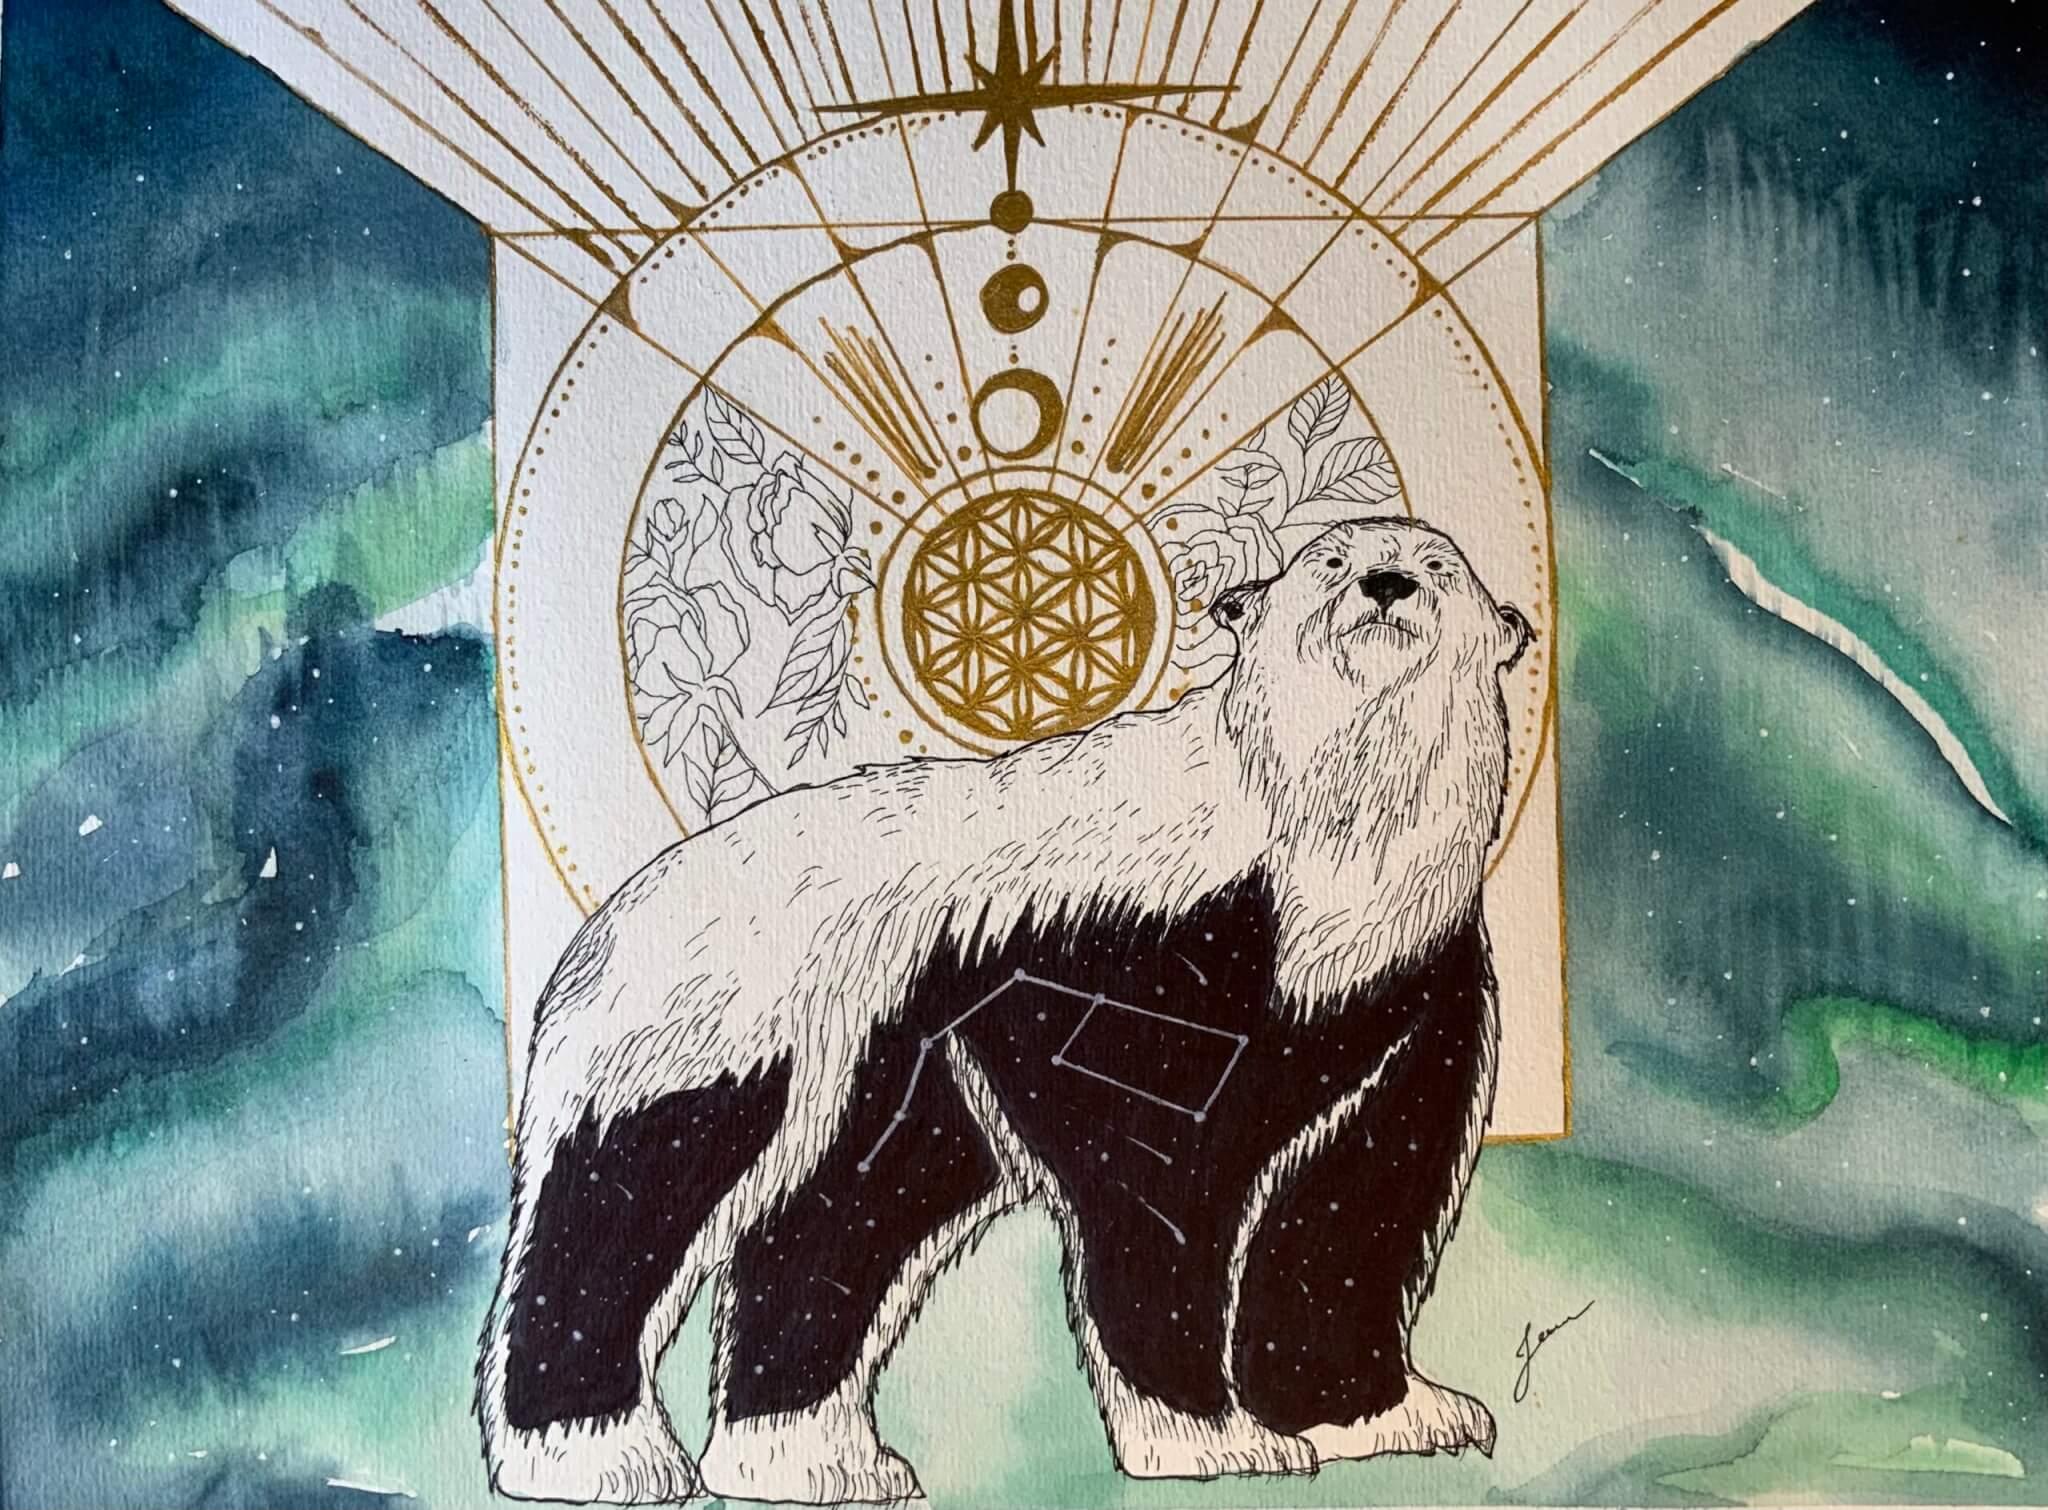 Oeuvre aquarelle d'un ours polaire avec fleur de vie et aurore boréale